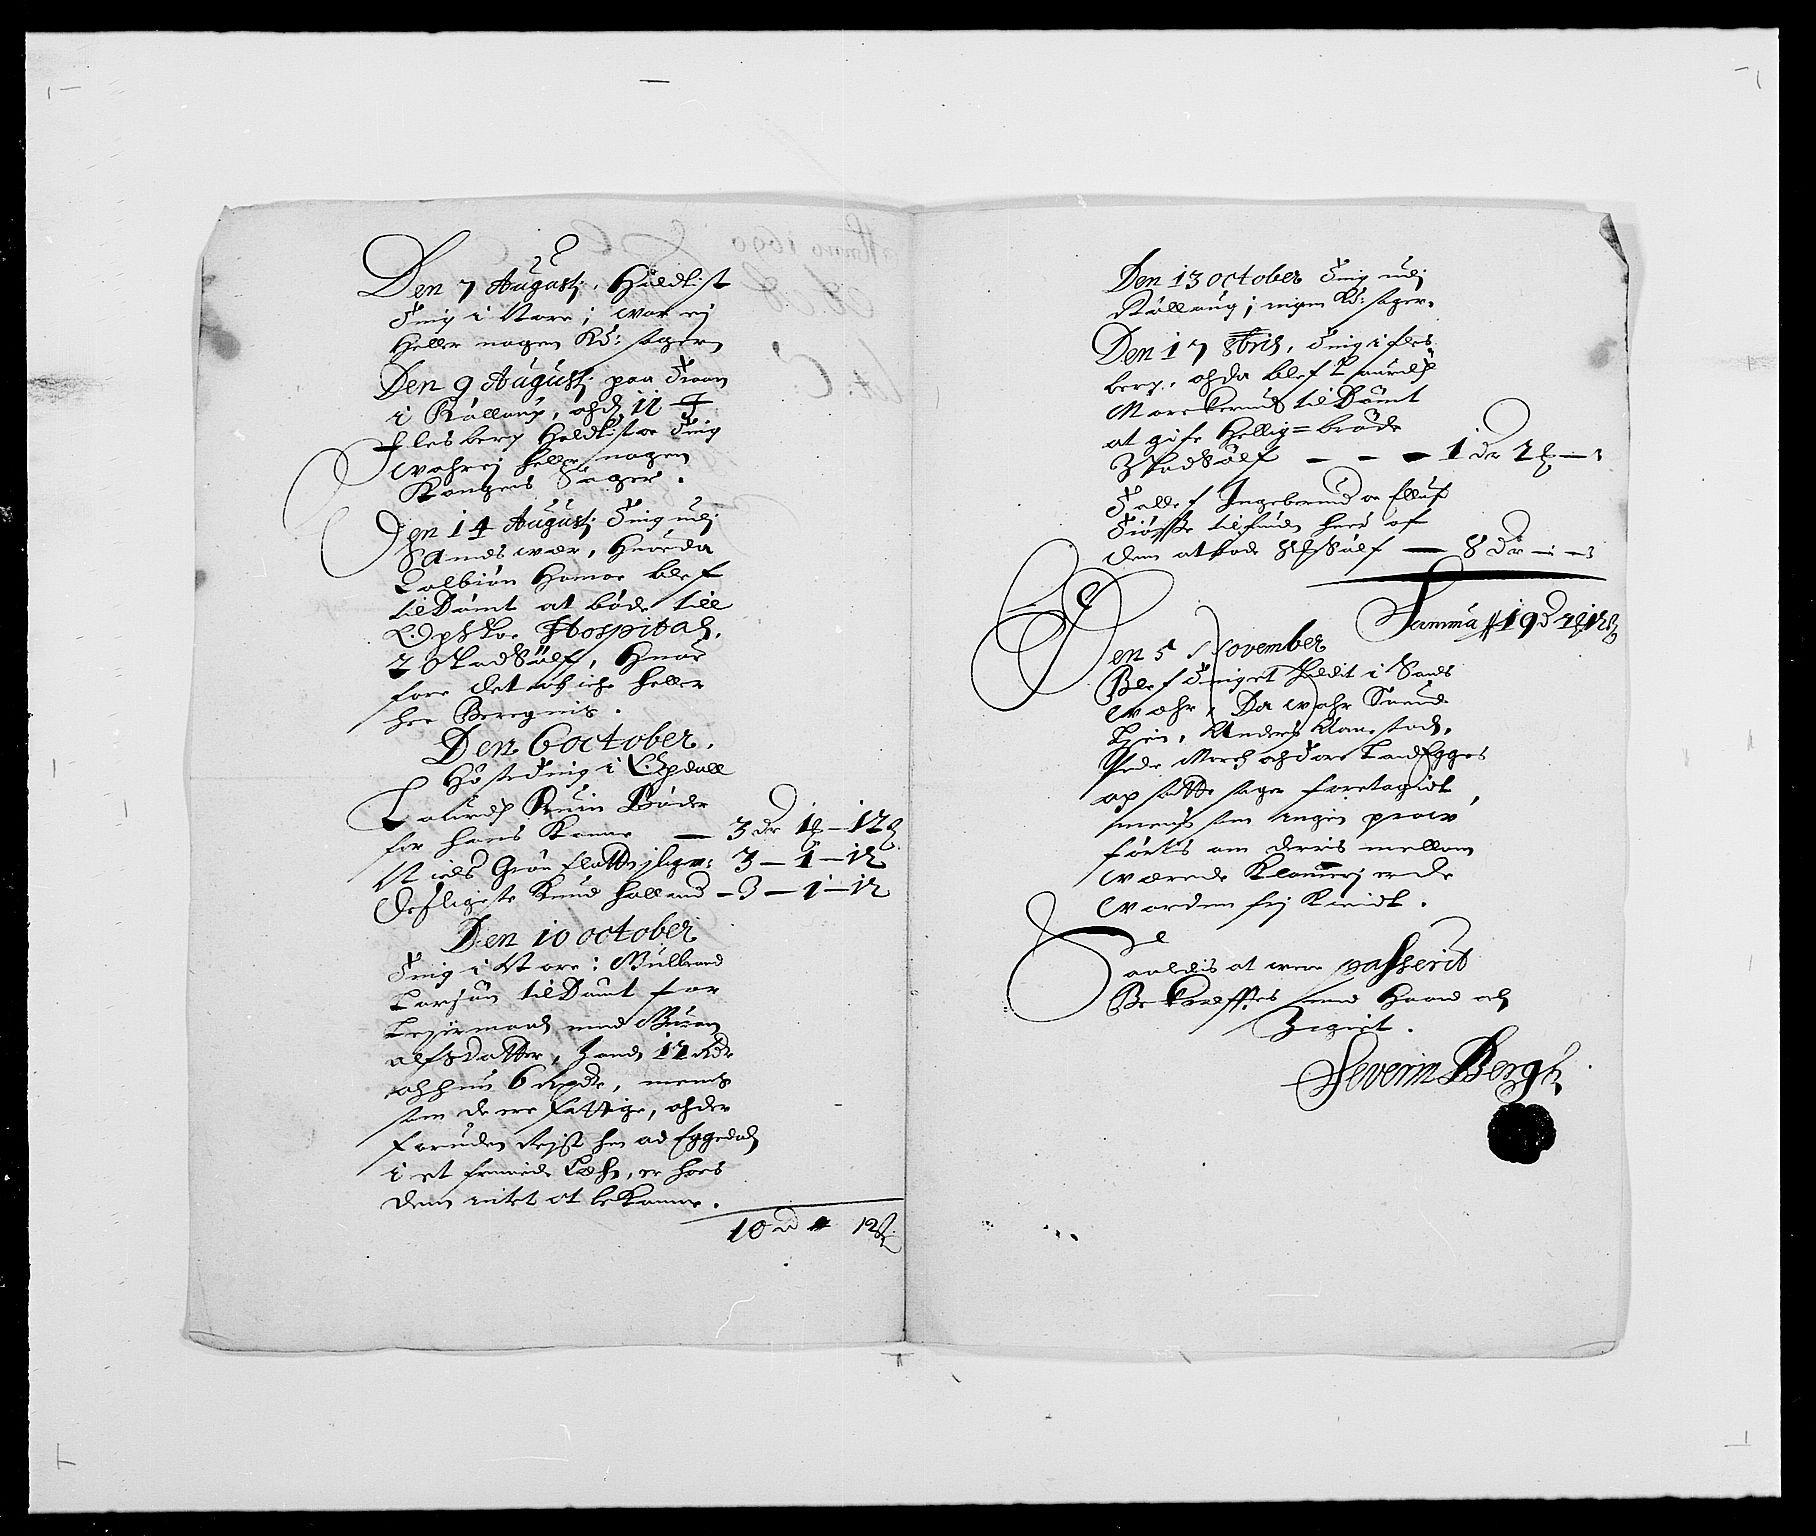 RA, Rentekammeret inntil 1814, Reviderte regnskaper, Fogderegnskap, R24/L1573: Fogderegnskap Numedal og Sandsvær, 1687-1691, s. 424